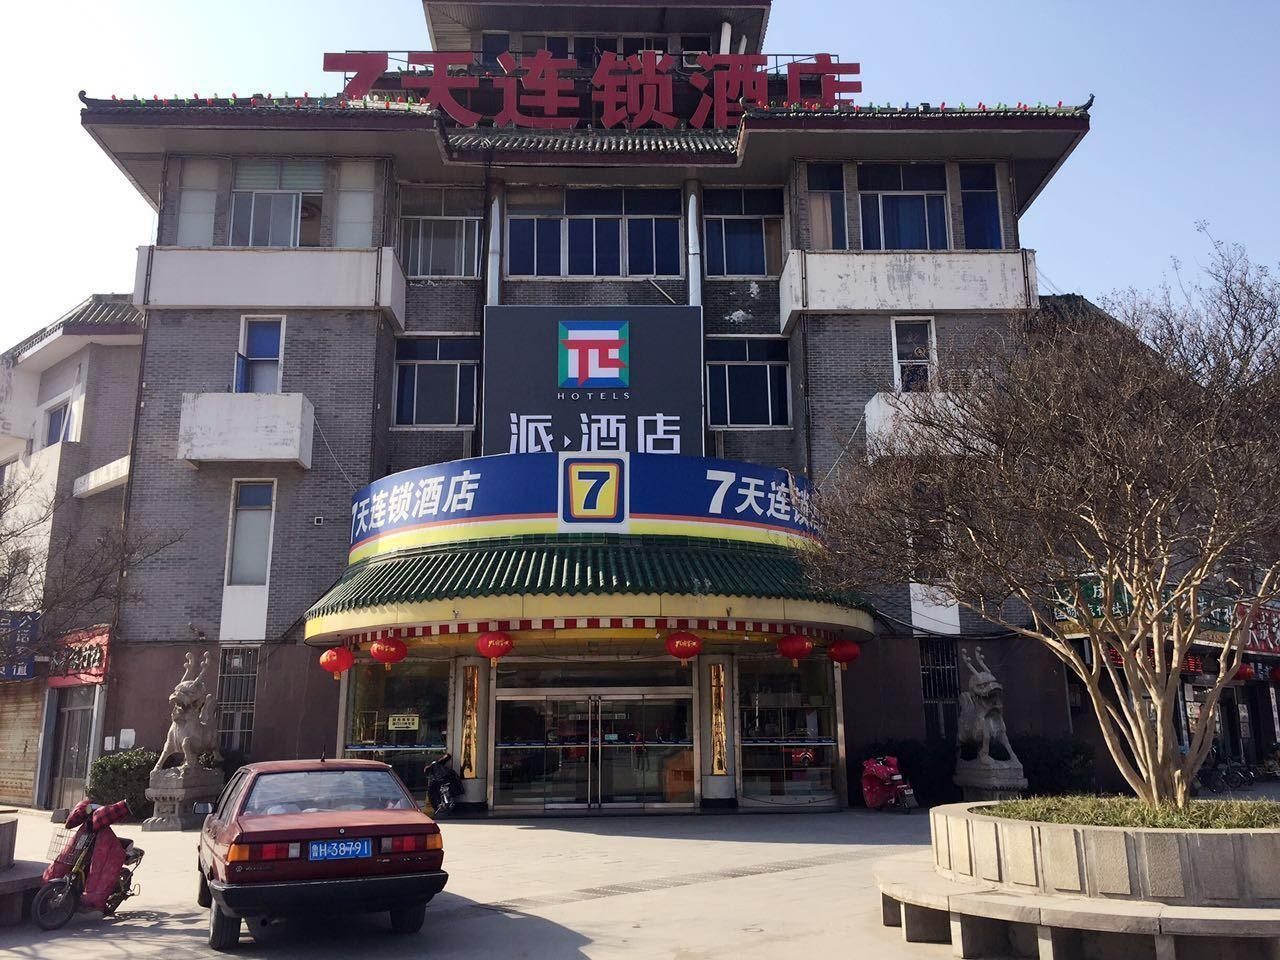 Pai Hotel Jining Qufu Sankong Reviews